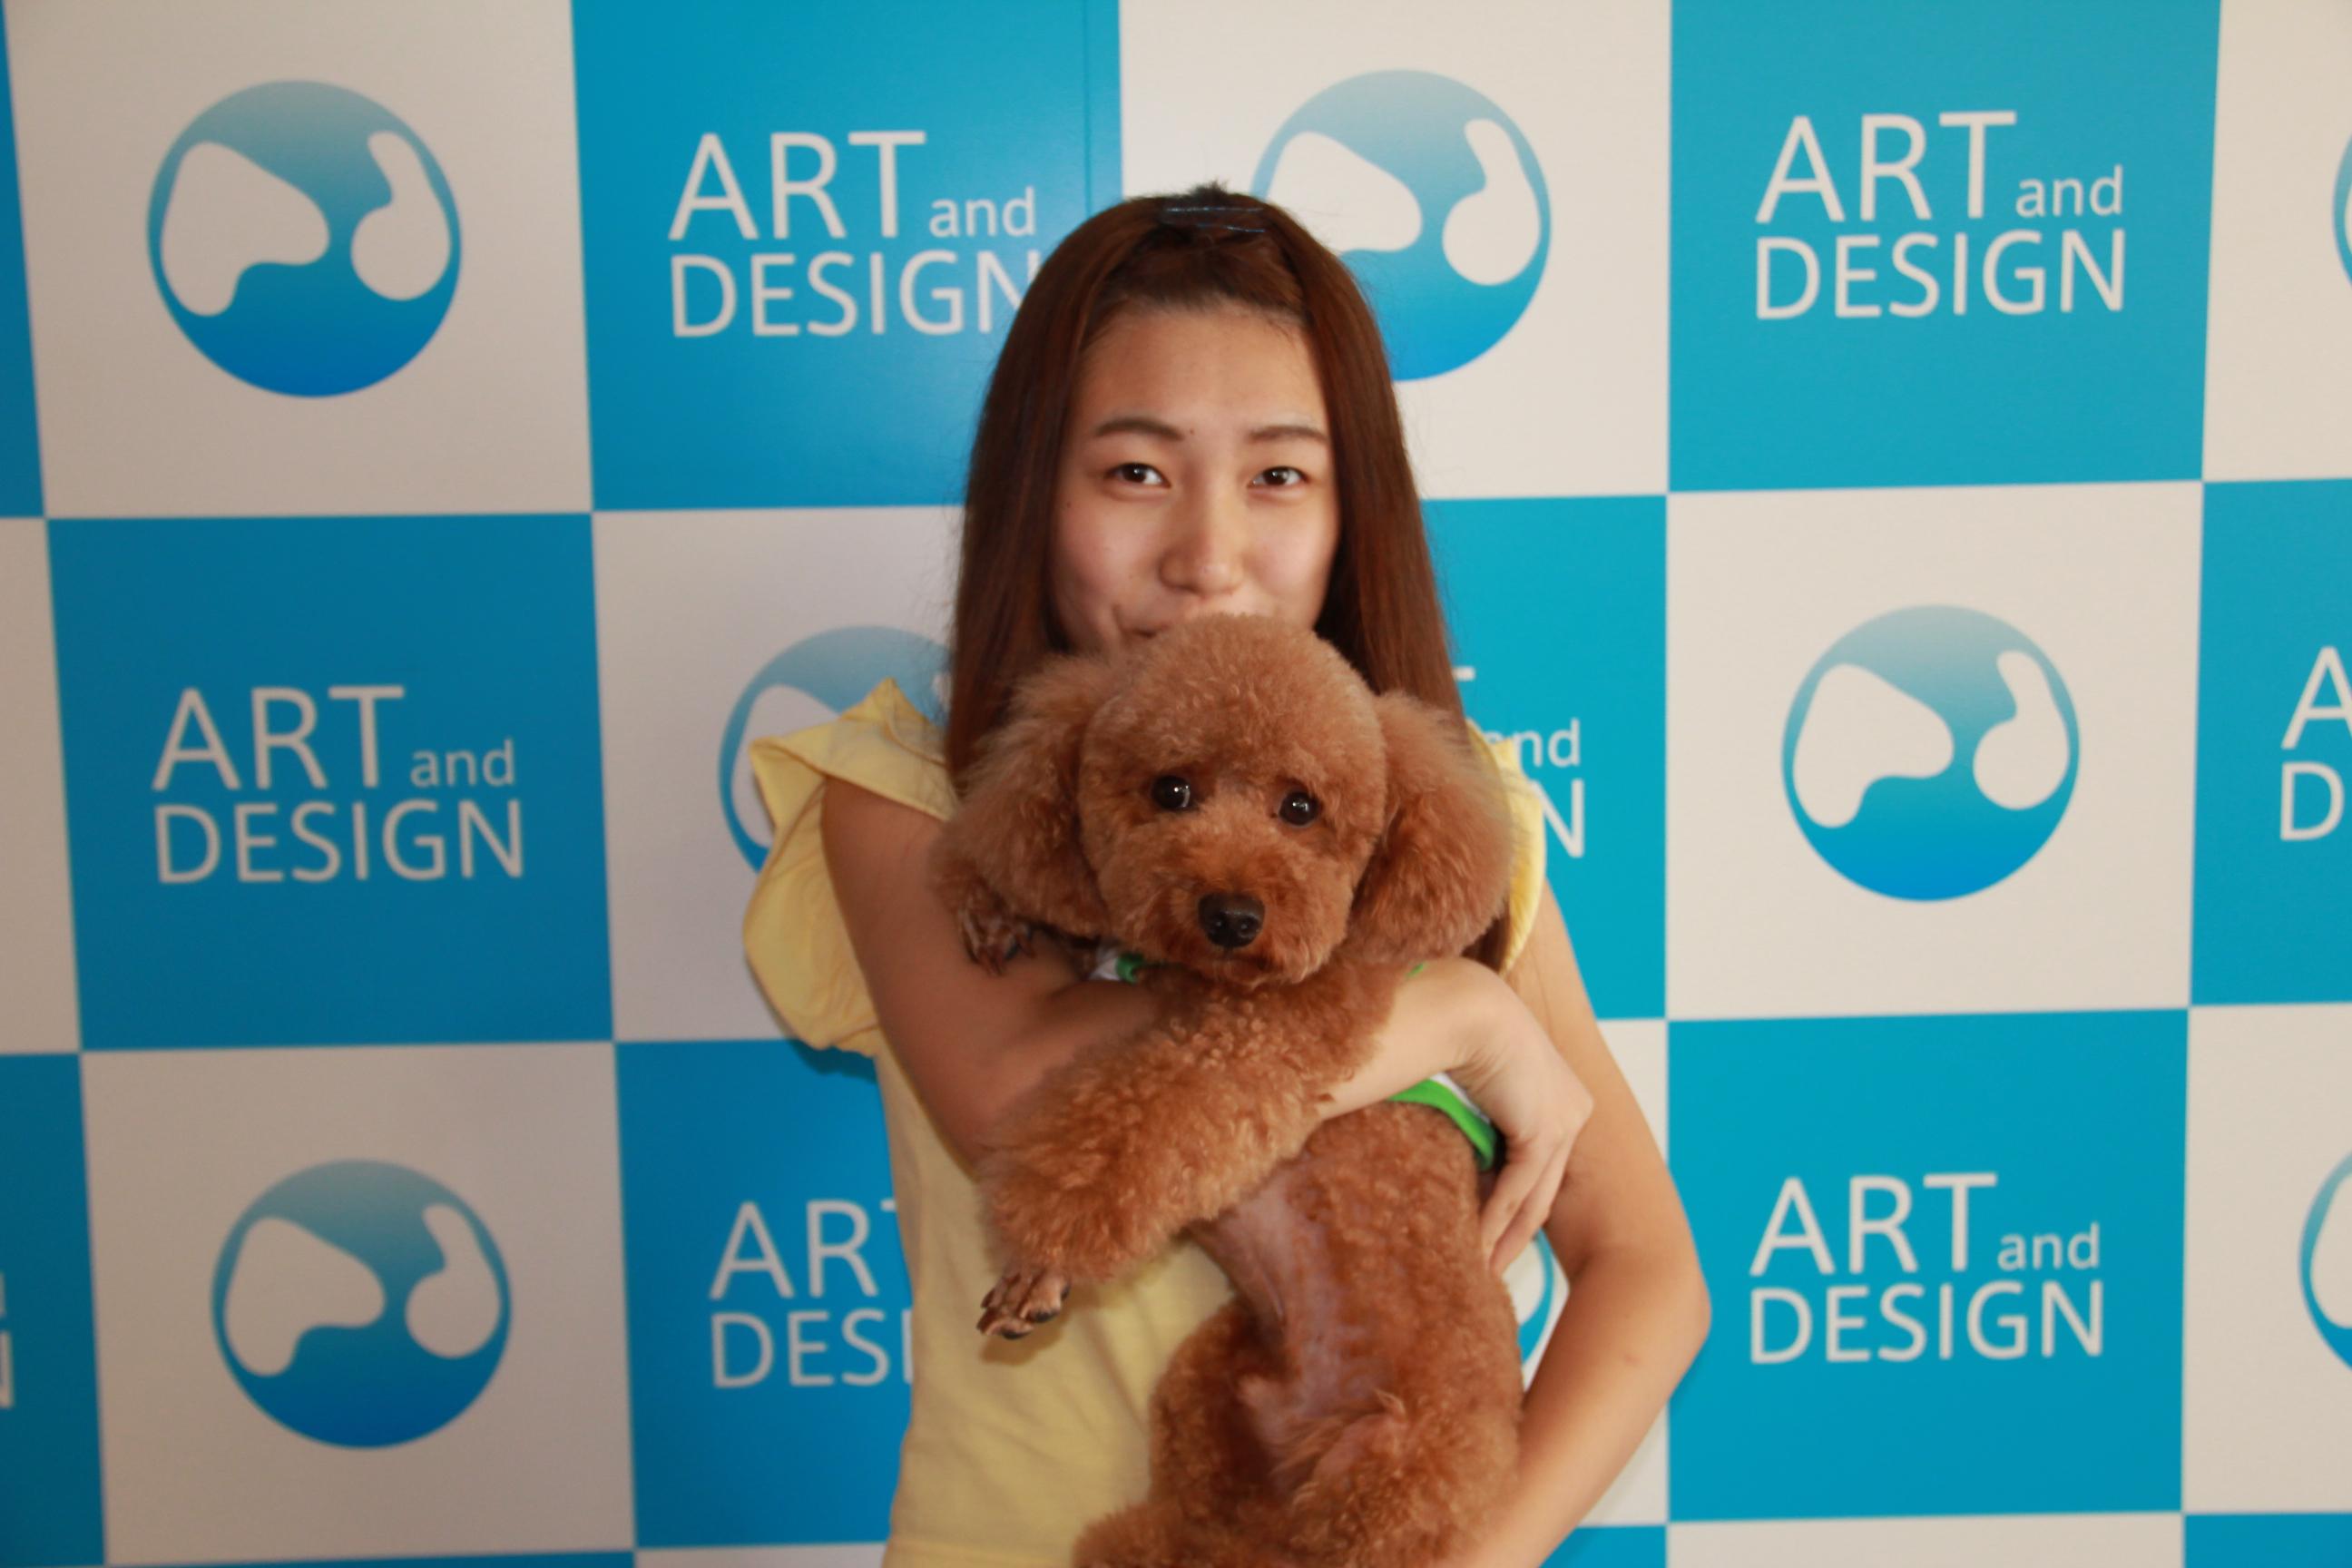 阿部桃子 (1994年生)の画像 p1_31